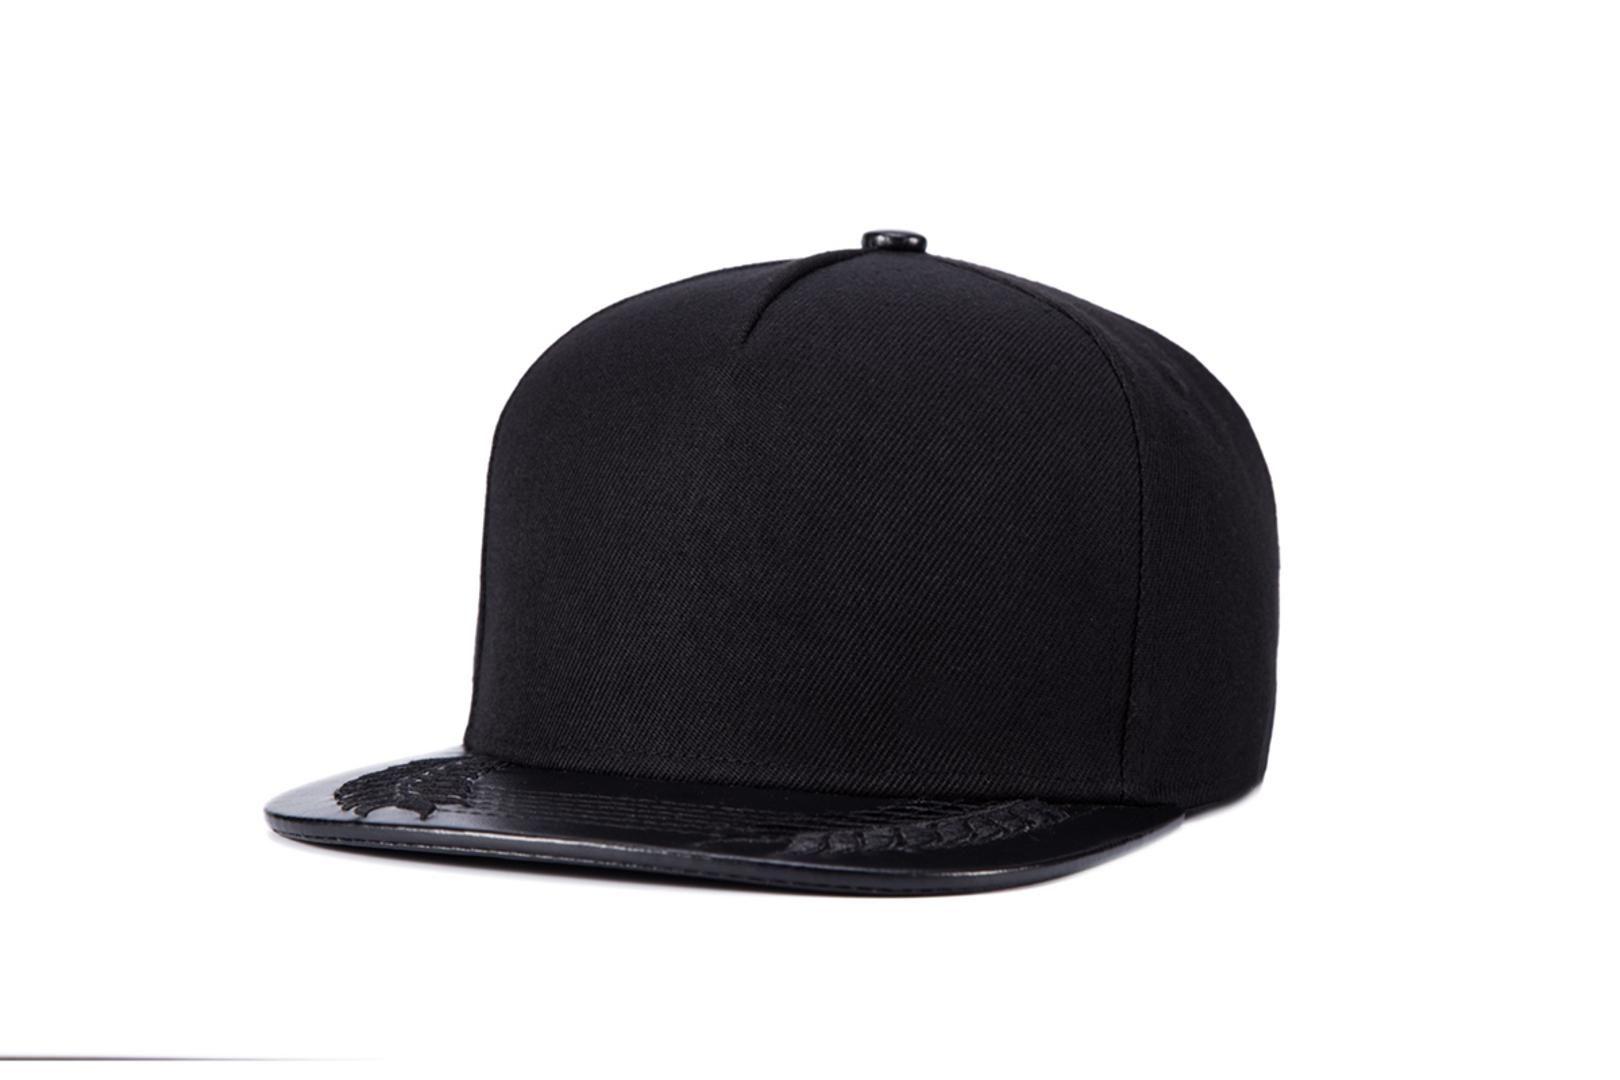 2018 gorras planas الساخن نمط زهرة طباعة شقة الأعلى قبعة قبعة بيسبول الهيب هوب كاب قبعة للرجل غنيمة رجل snapbacks الأسود